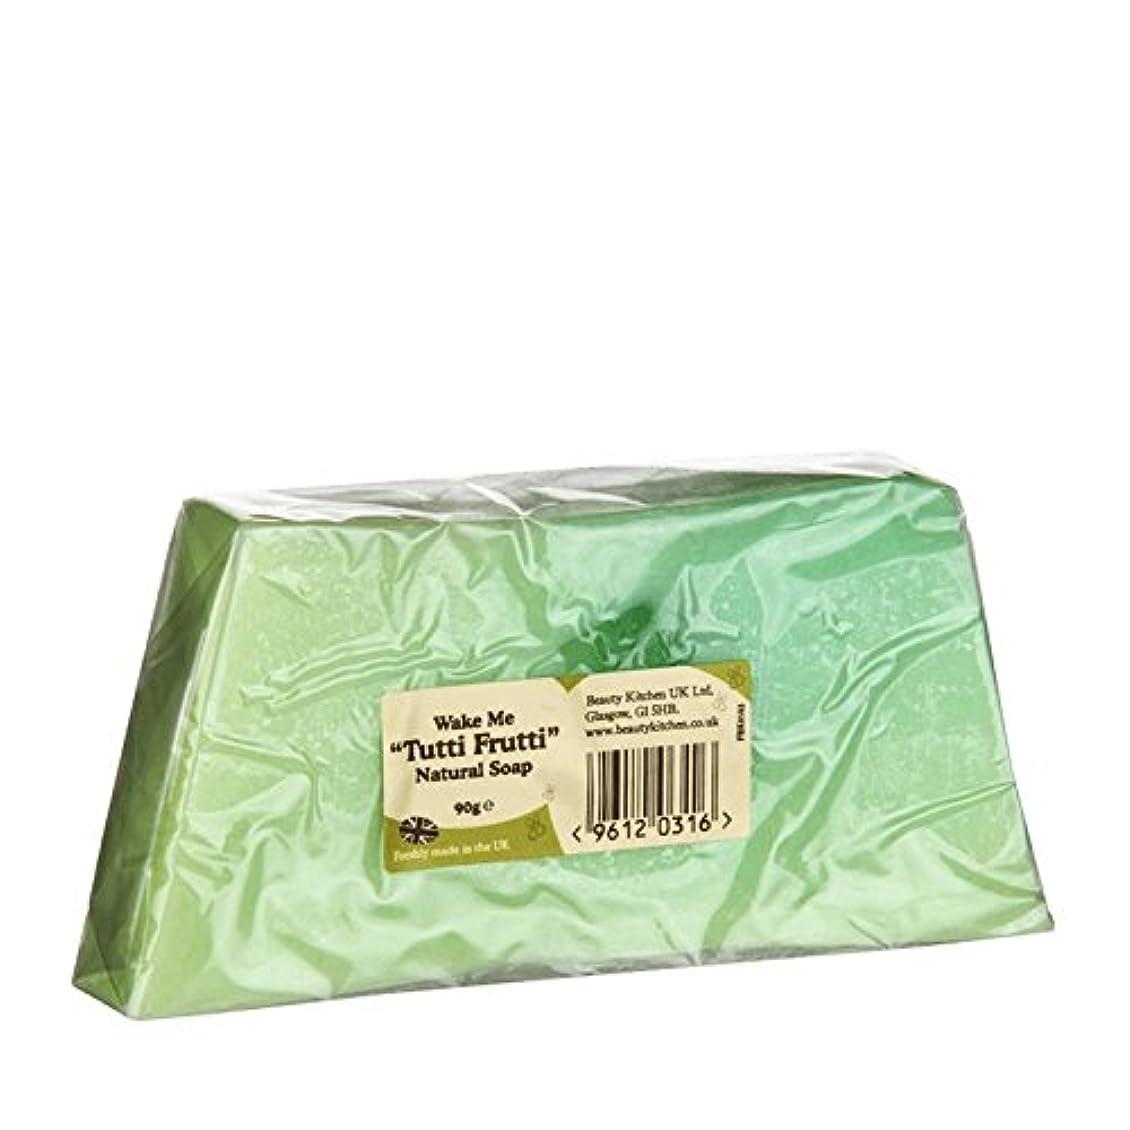 空いているブレース自分のためにBeauty Kitchen Wake Me Tutti Frutti Natural Soap 90g (Pack of 2) - 美しさのキッチンは私トゥッティフルッティの天然石鹸90グラムウェイク (x2) [並行輸入品]